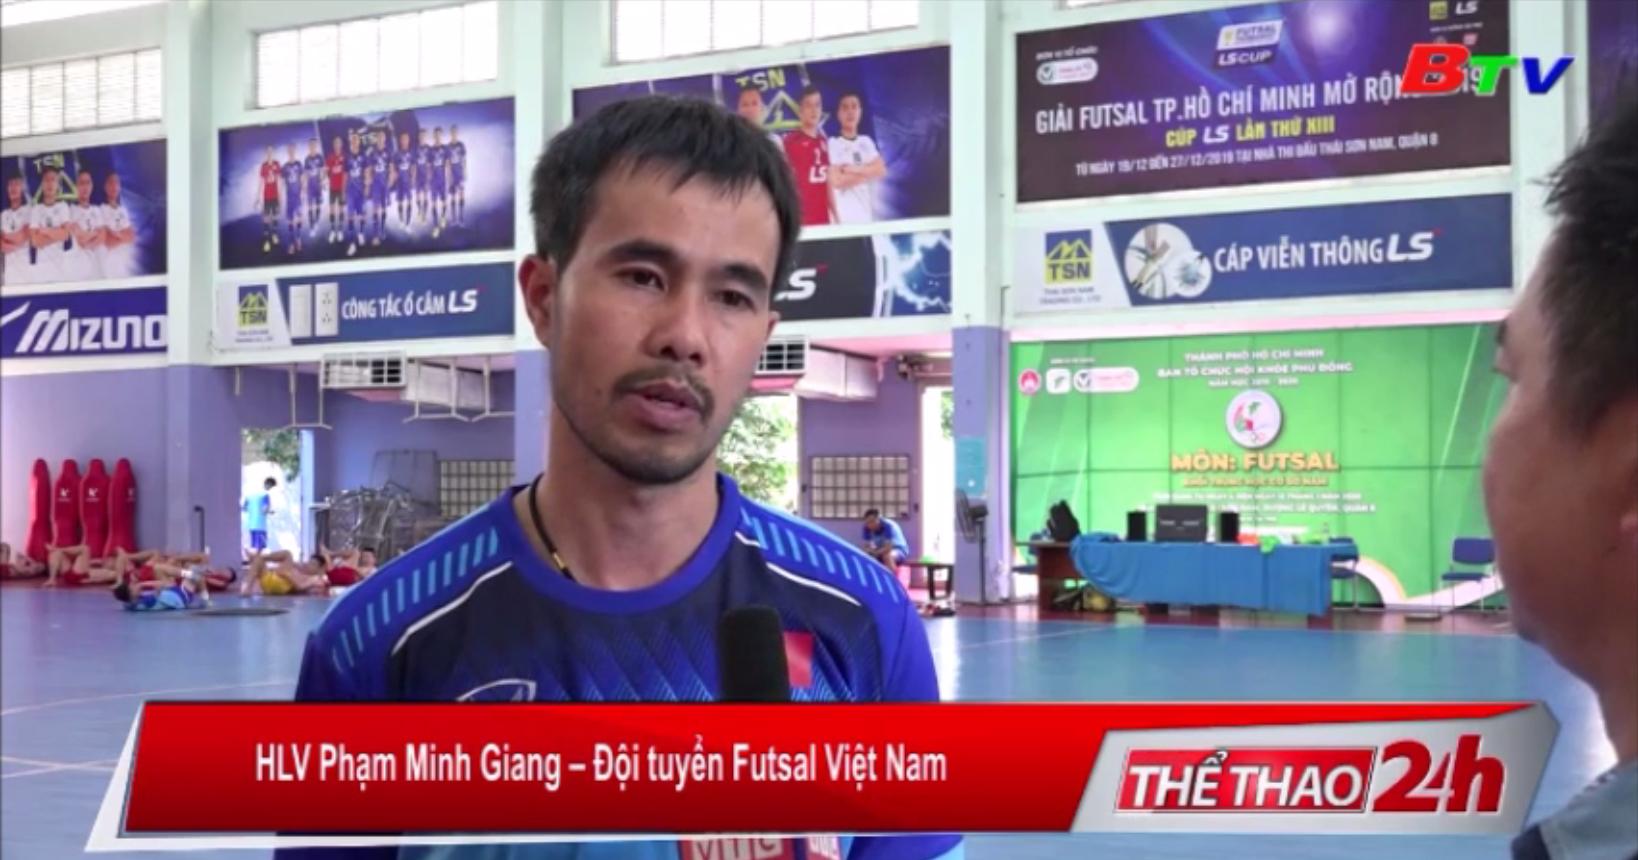 Nhiệm vụ mới của tân HLV Phạm Minh Giang